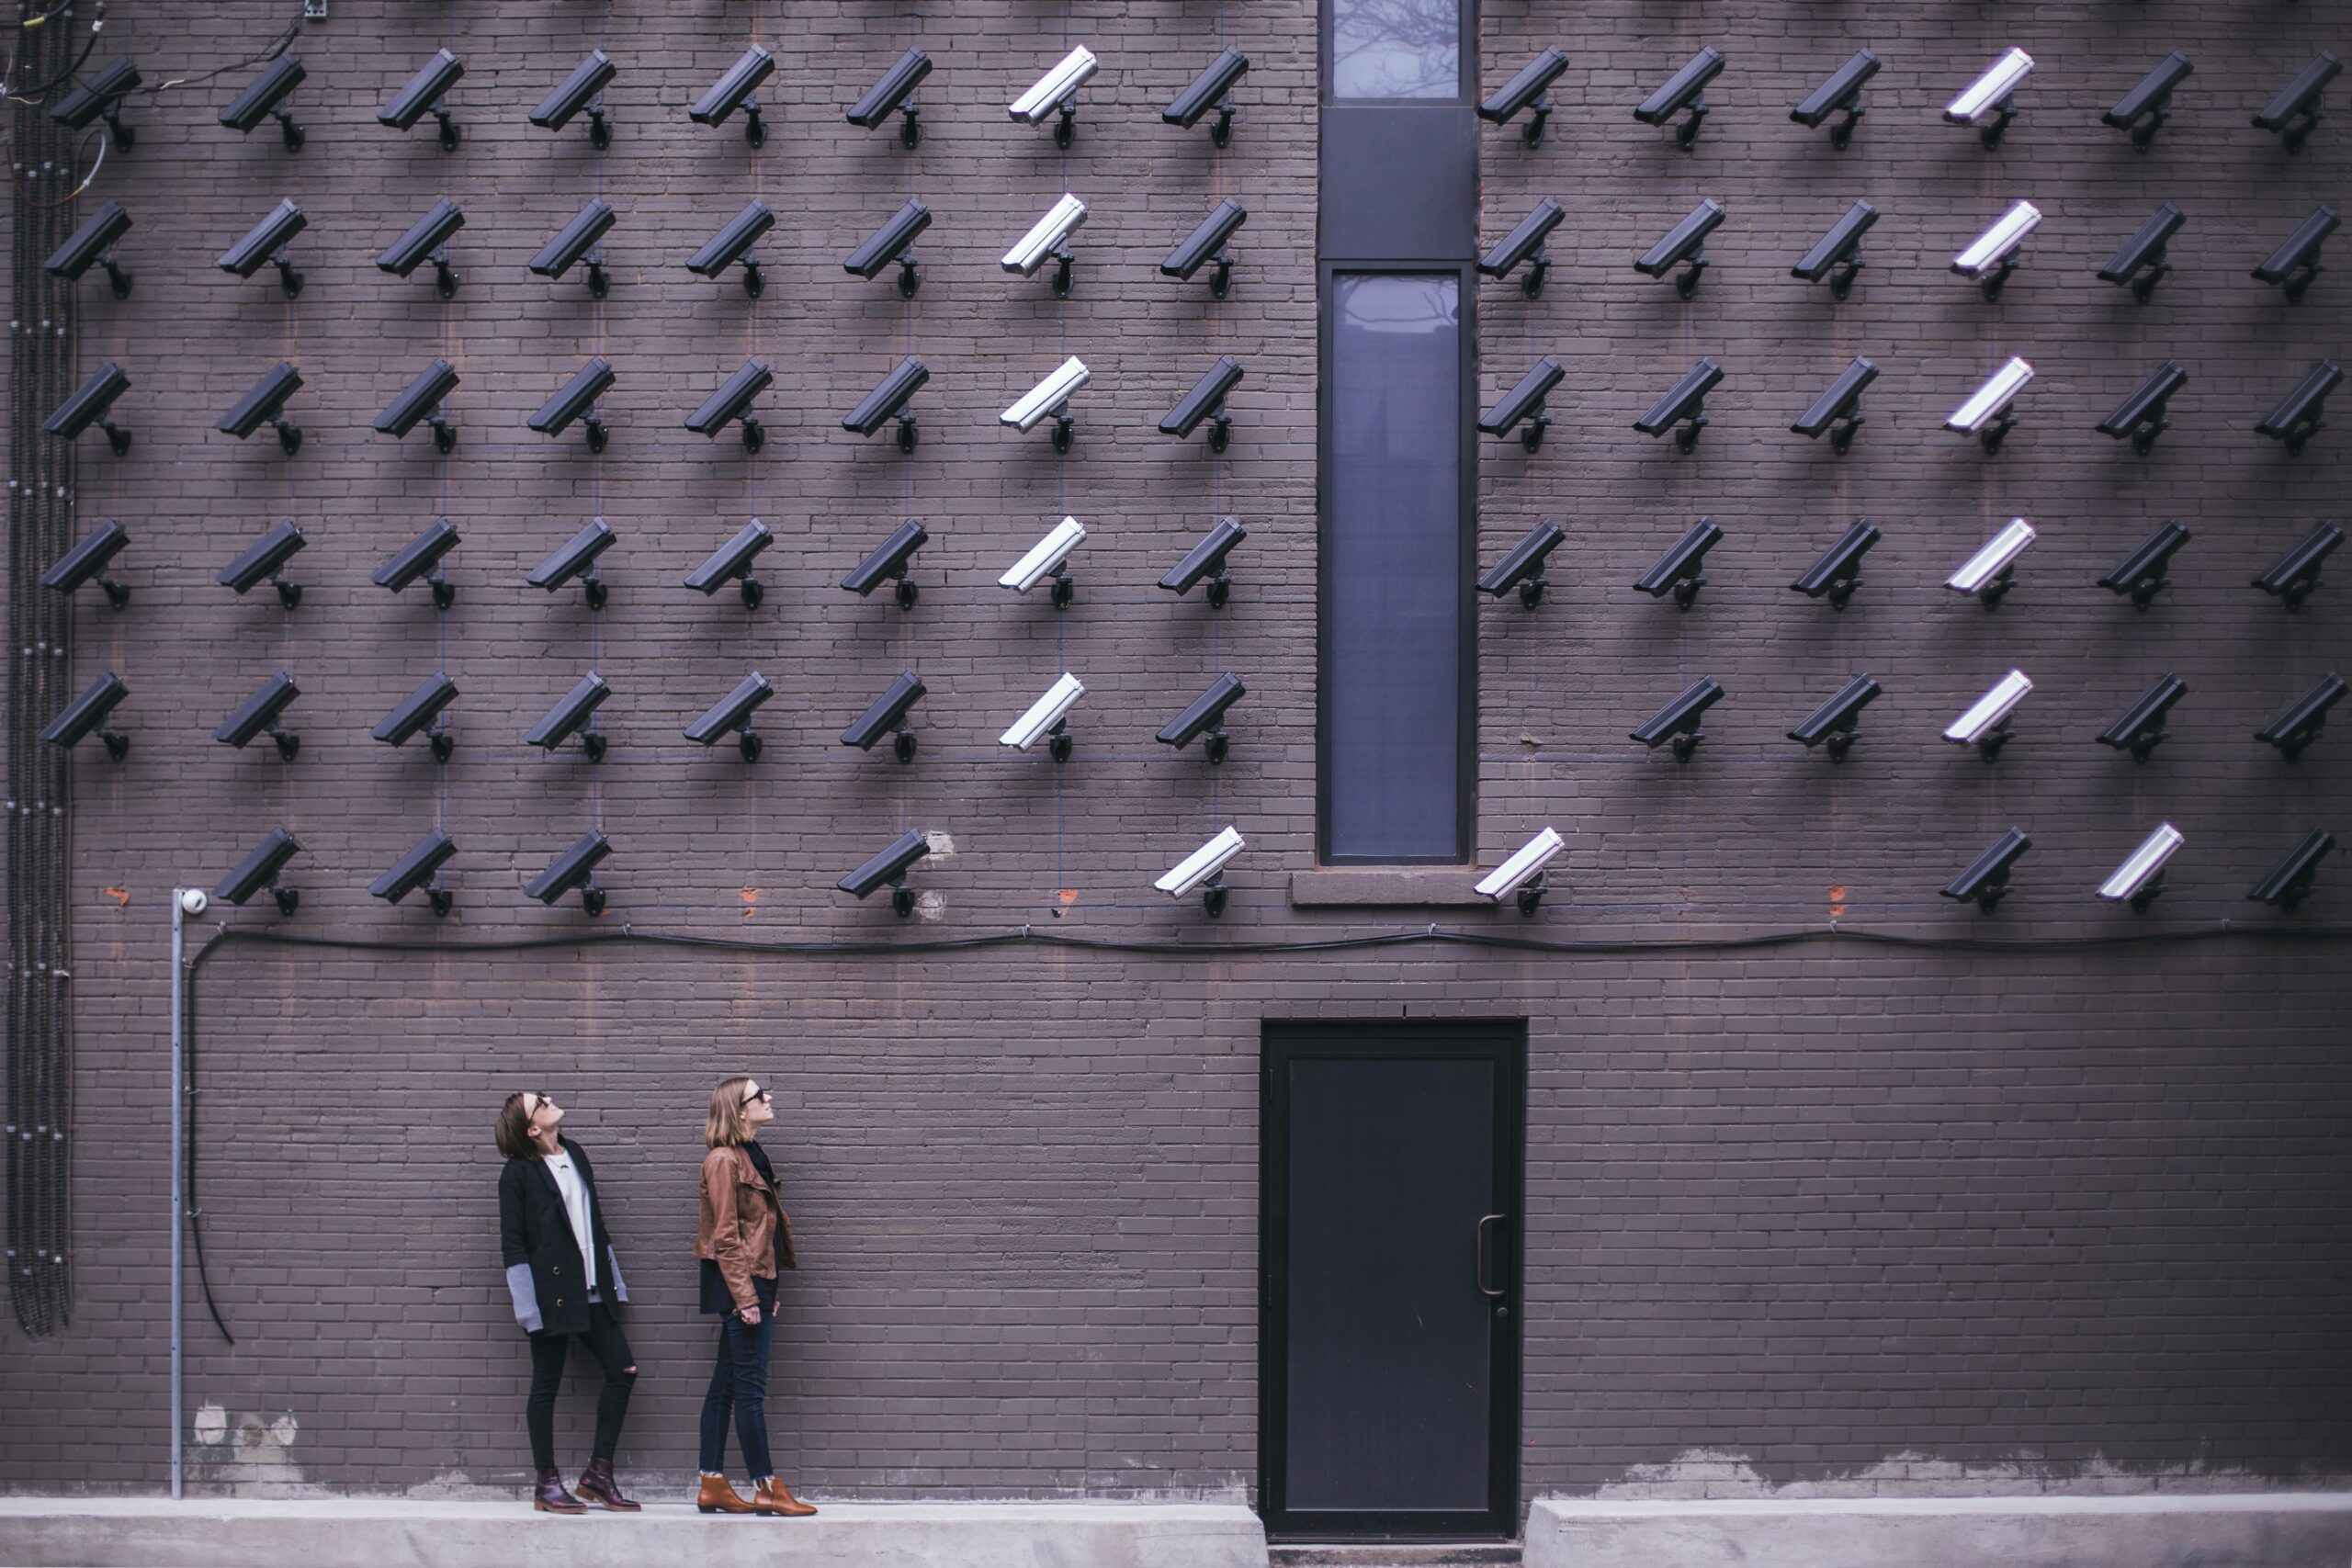 Hacienda incrementa la vigilancia a las criptomonedas